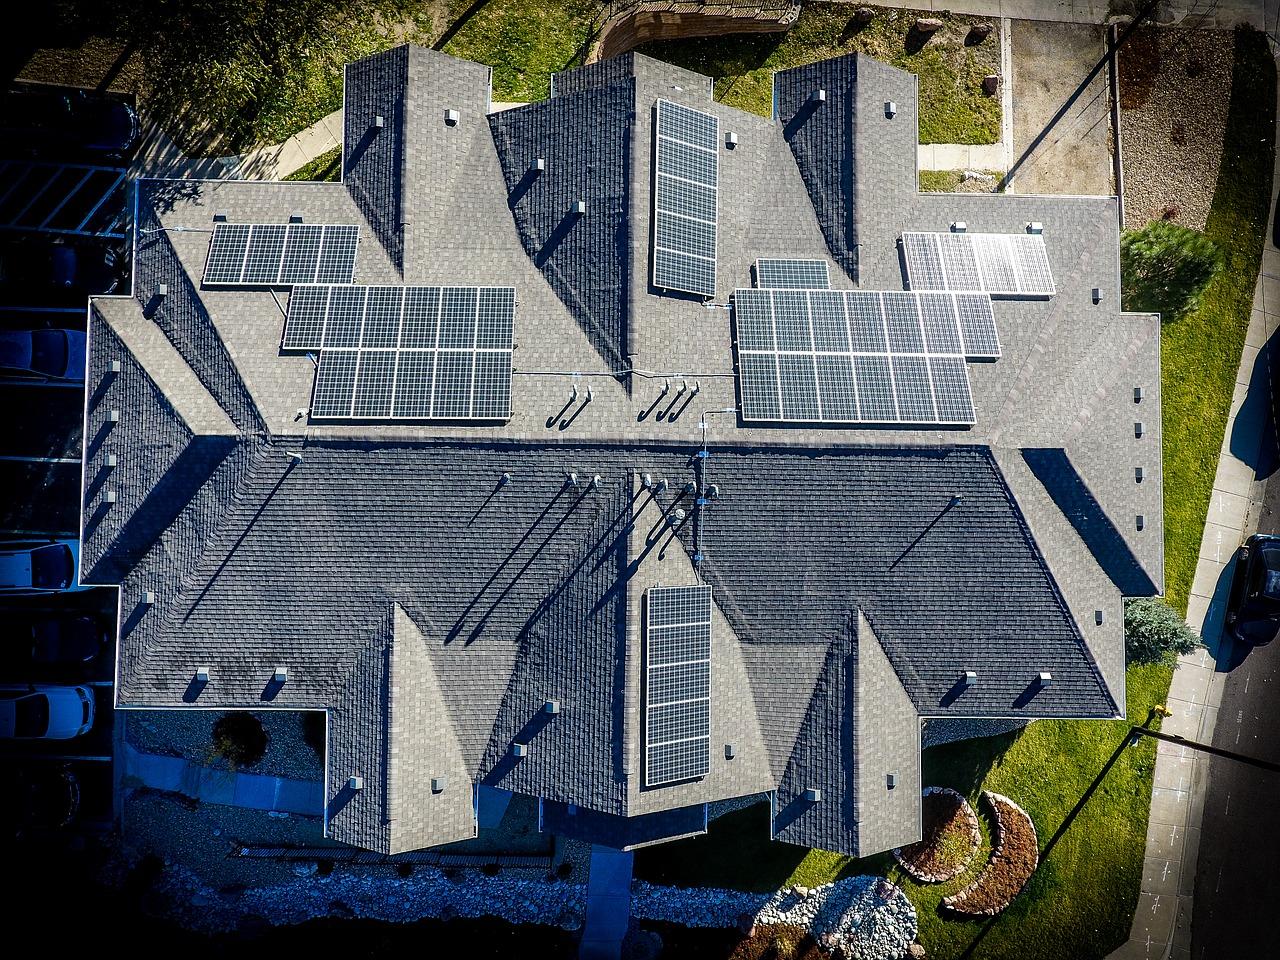 Progettazione con architettura sostenibile